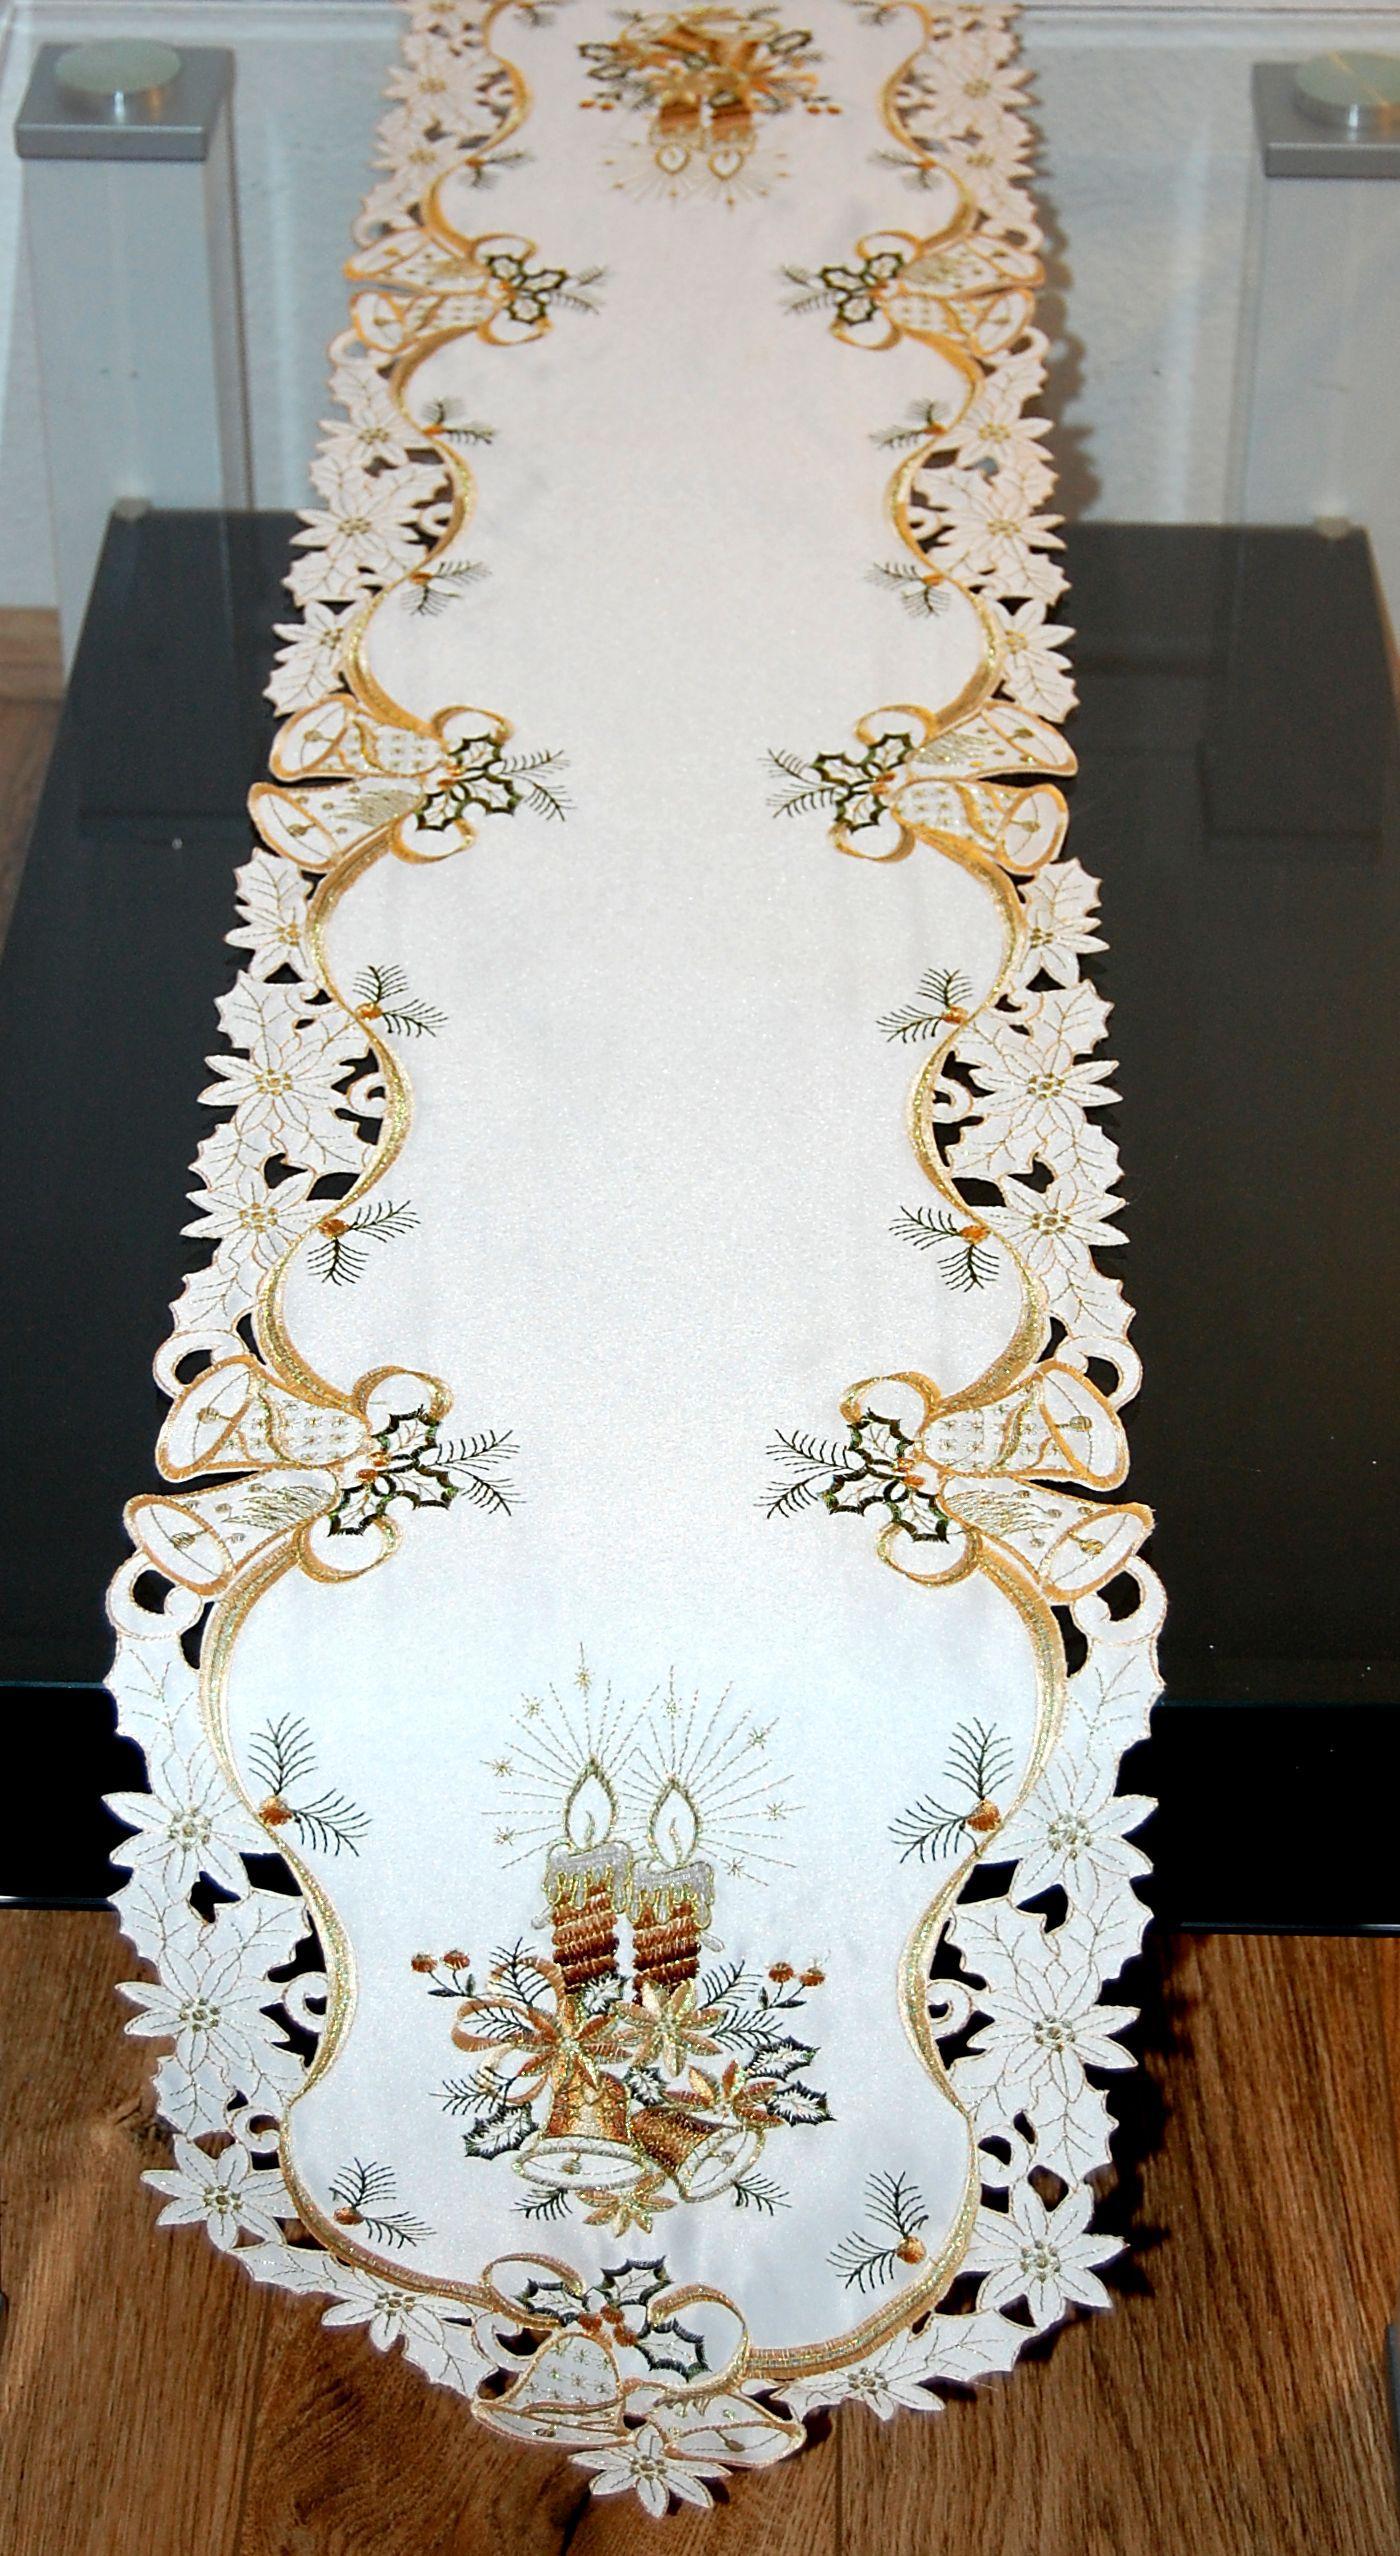 tischdecke weihnachten champagner kerze glocke gr n gold. Black Bedroom Furniture Sets. Home Design Ideas